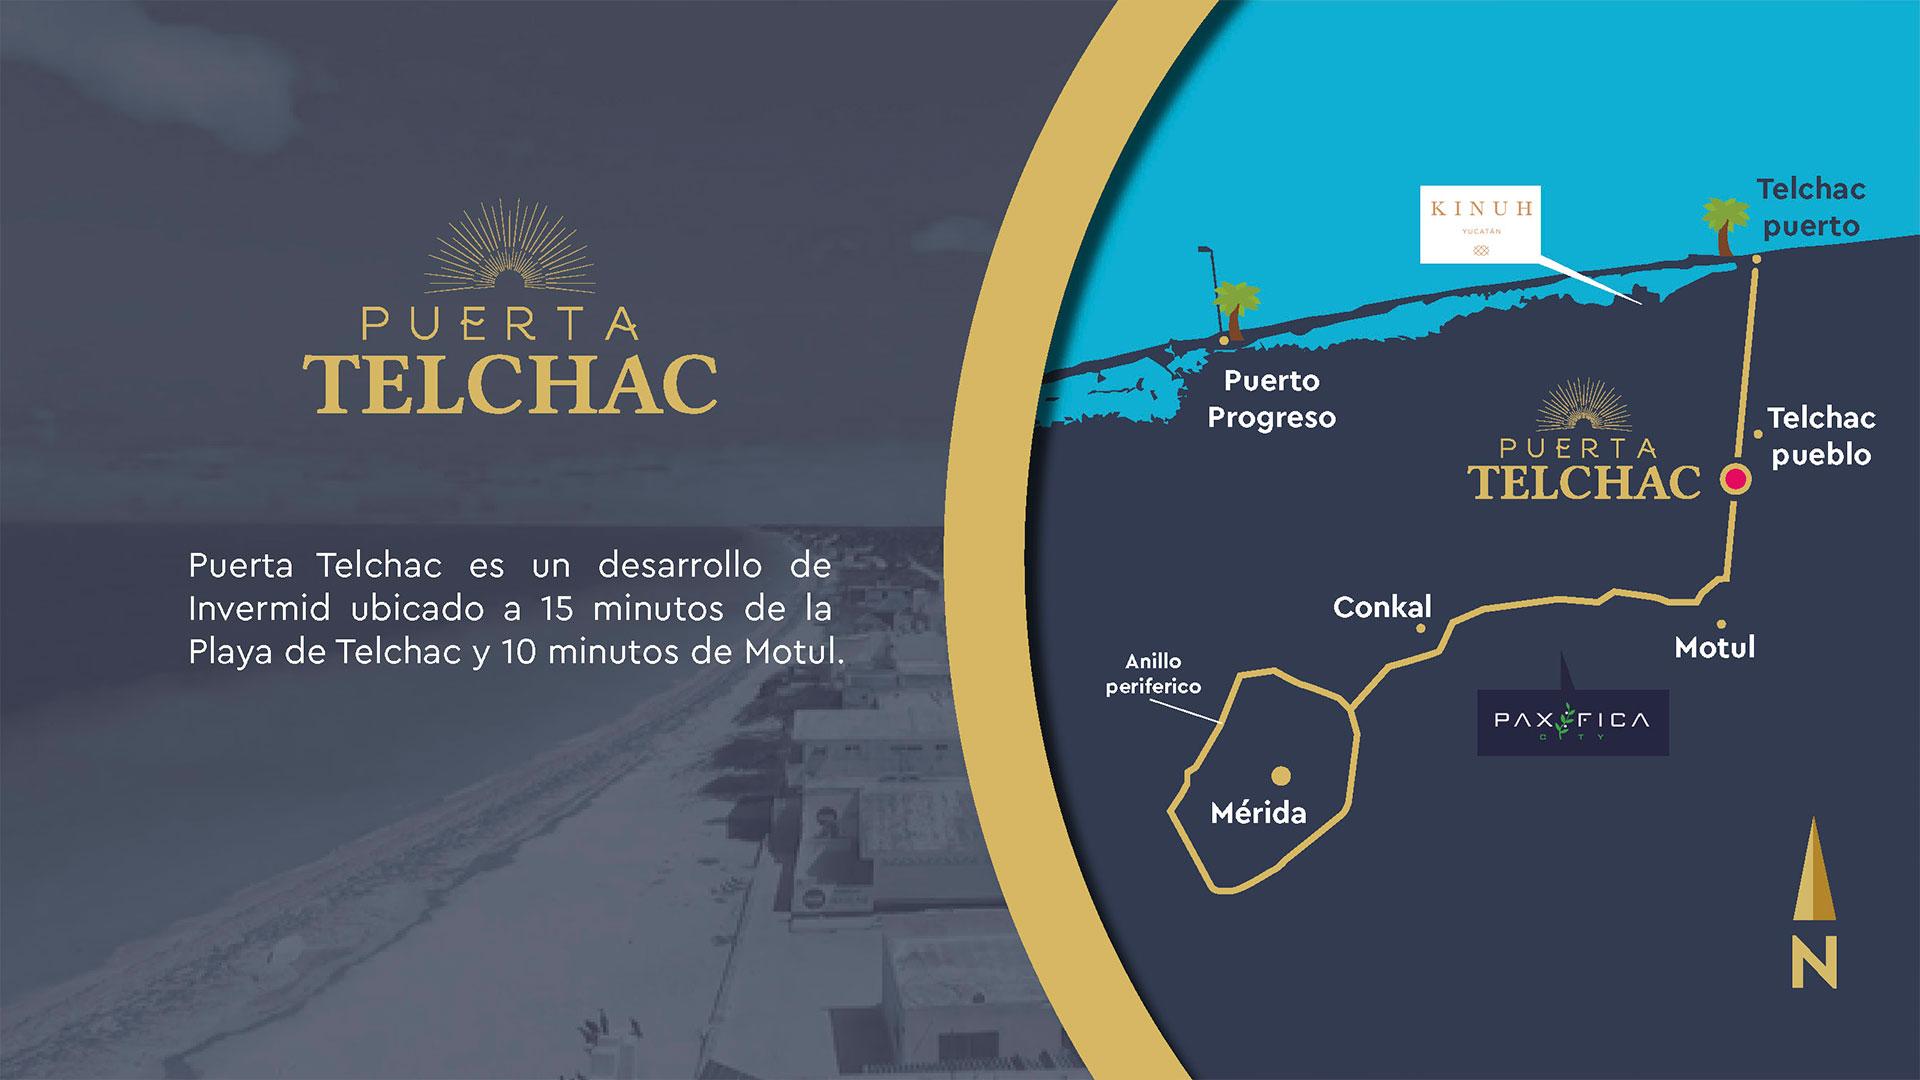 Puerta Telchac - Terrenos de inversión